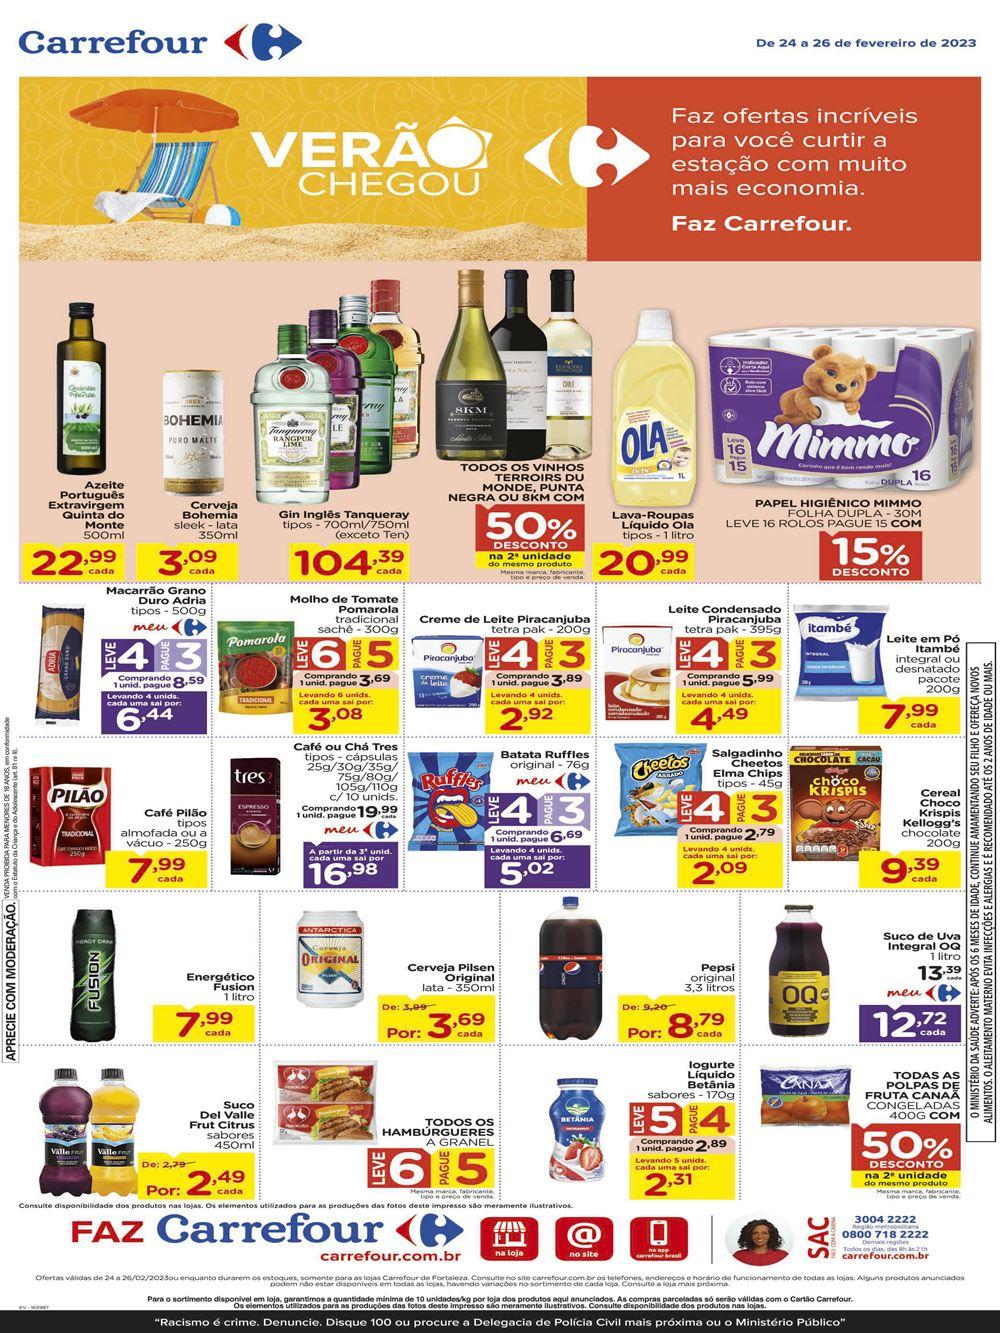 carrefour-ofertas-descontos-hoje12-3 Carrefour Feira Pernambuco até 02/08